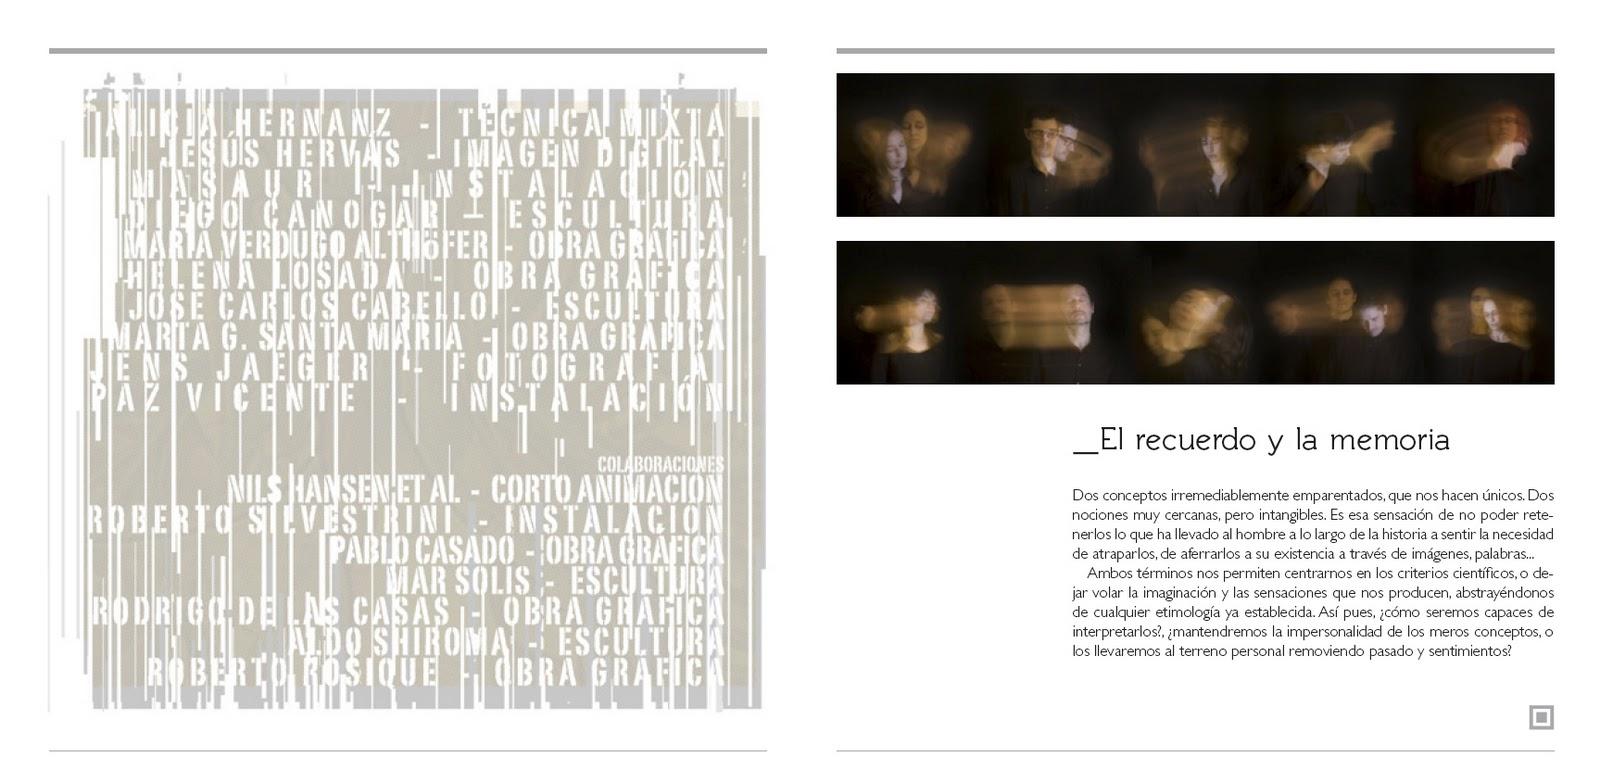 Próxima exposición: El Recuerdo y La Memoria